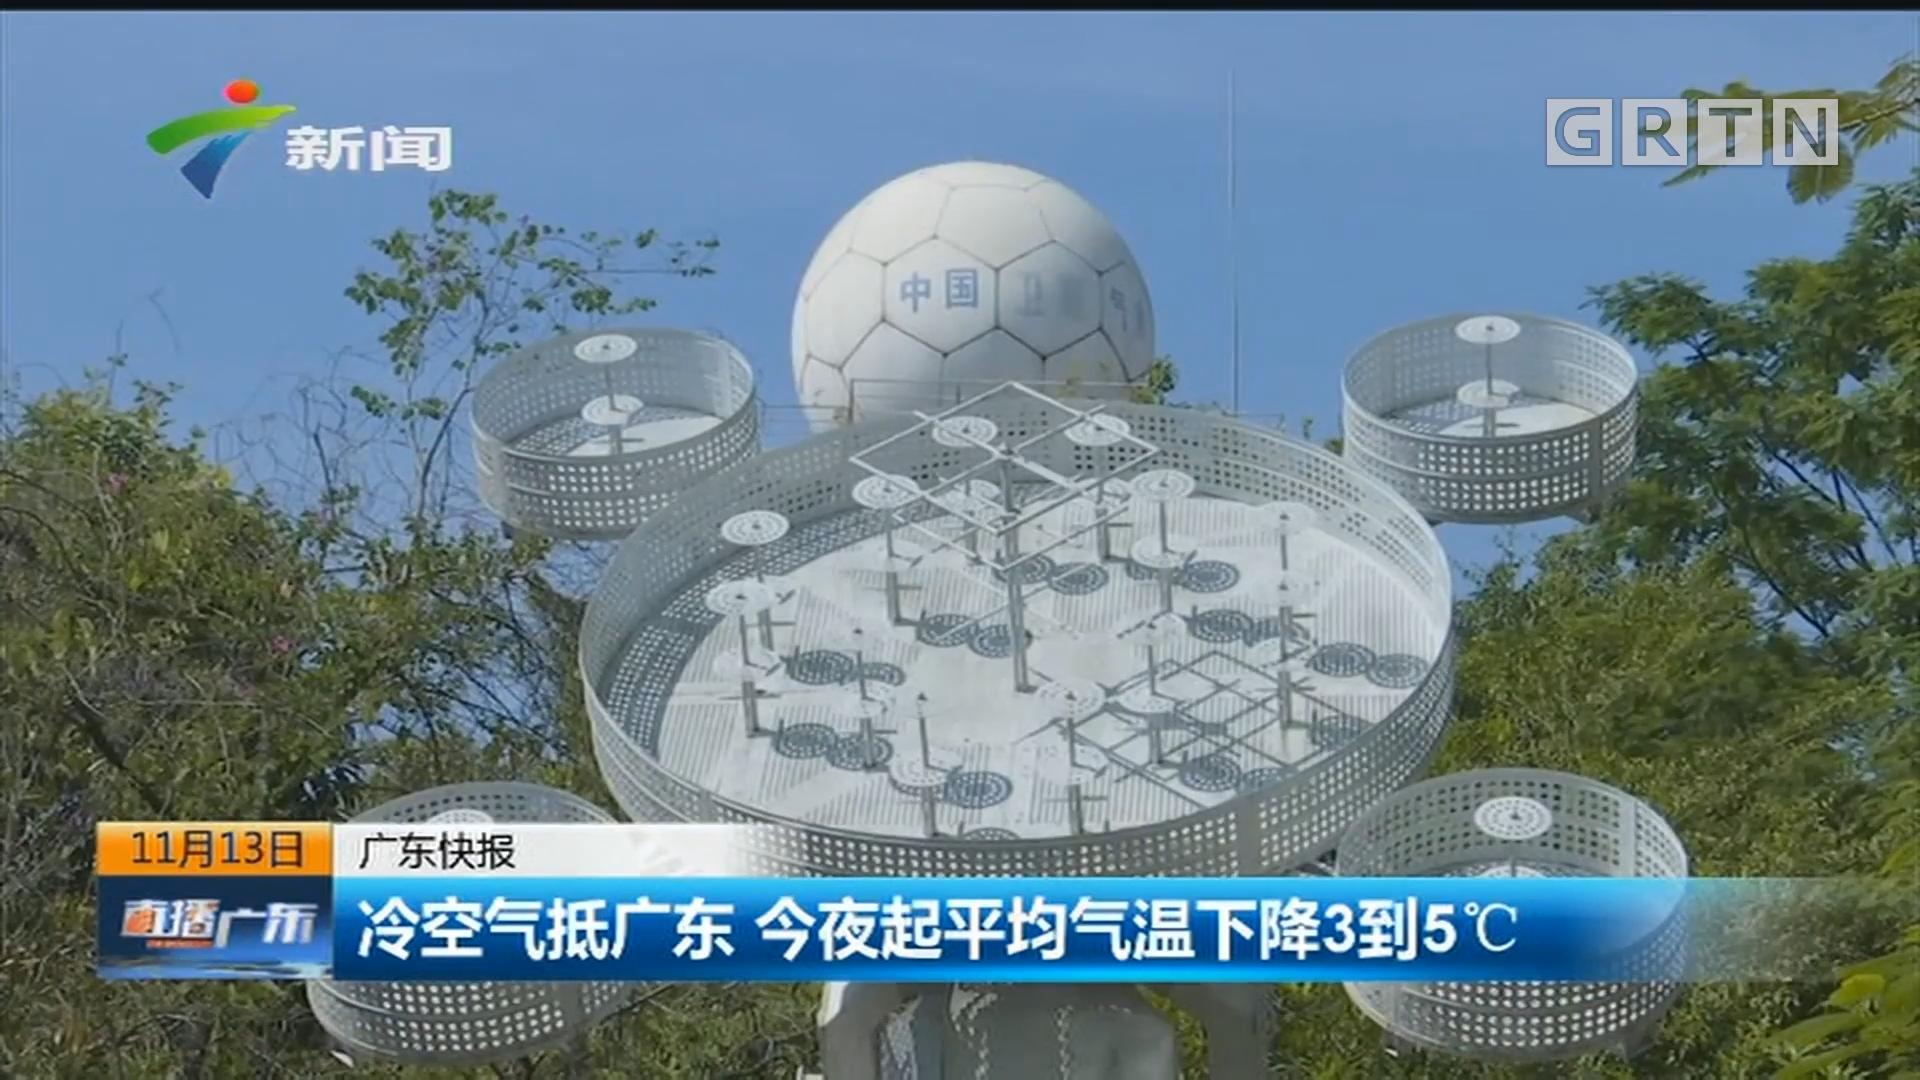 冷空气抵广东 今夜起平均气温下降3到5℃